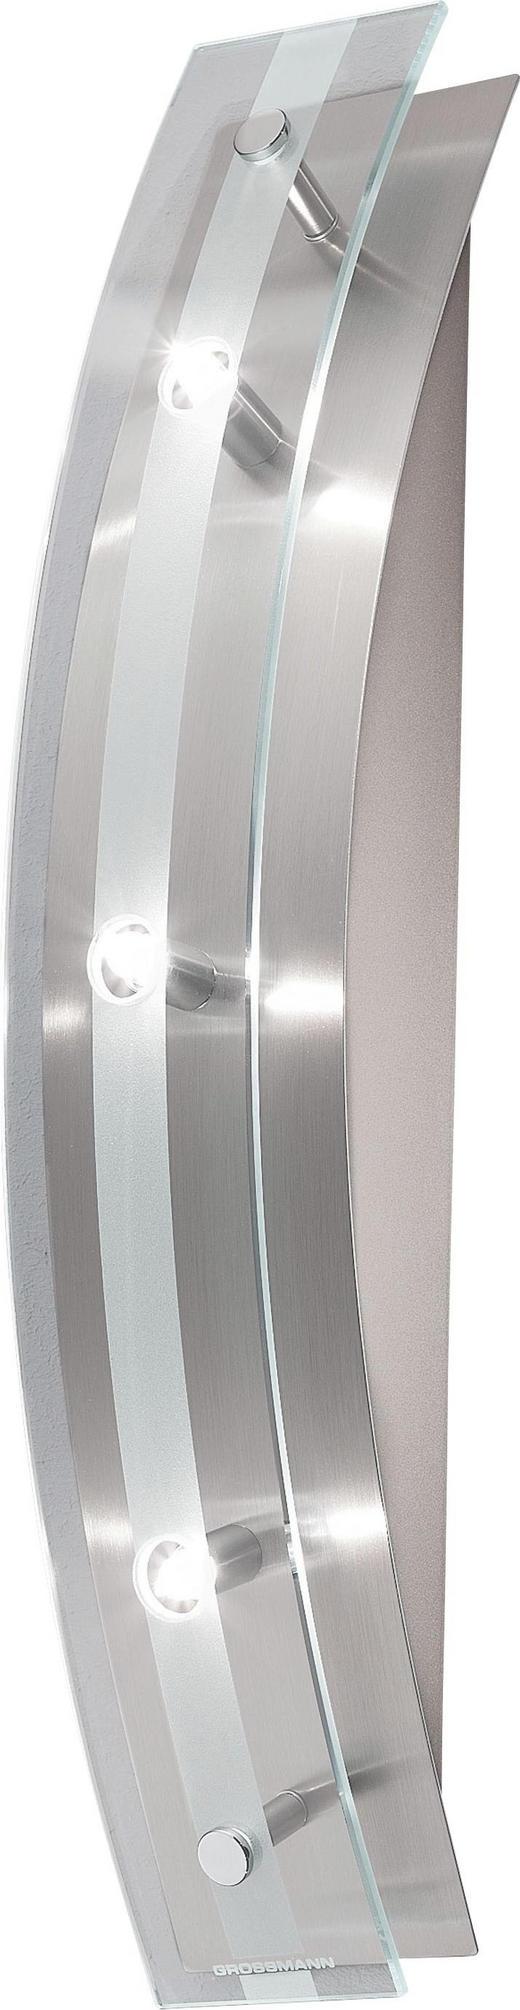 WANDLEUCHTE - Klar/Nickelfarben, KONVENTIONELL, Glas/Metall (40/7/9cm)